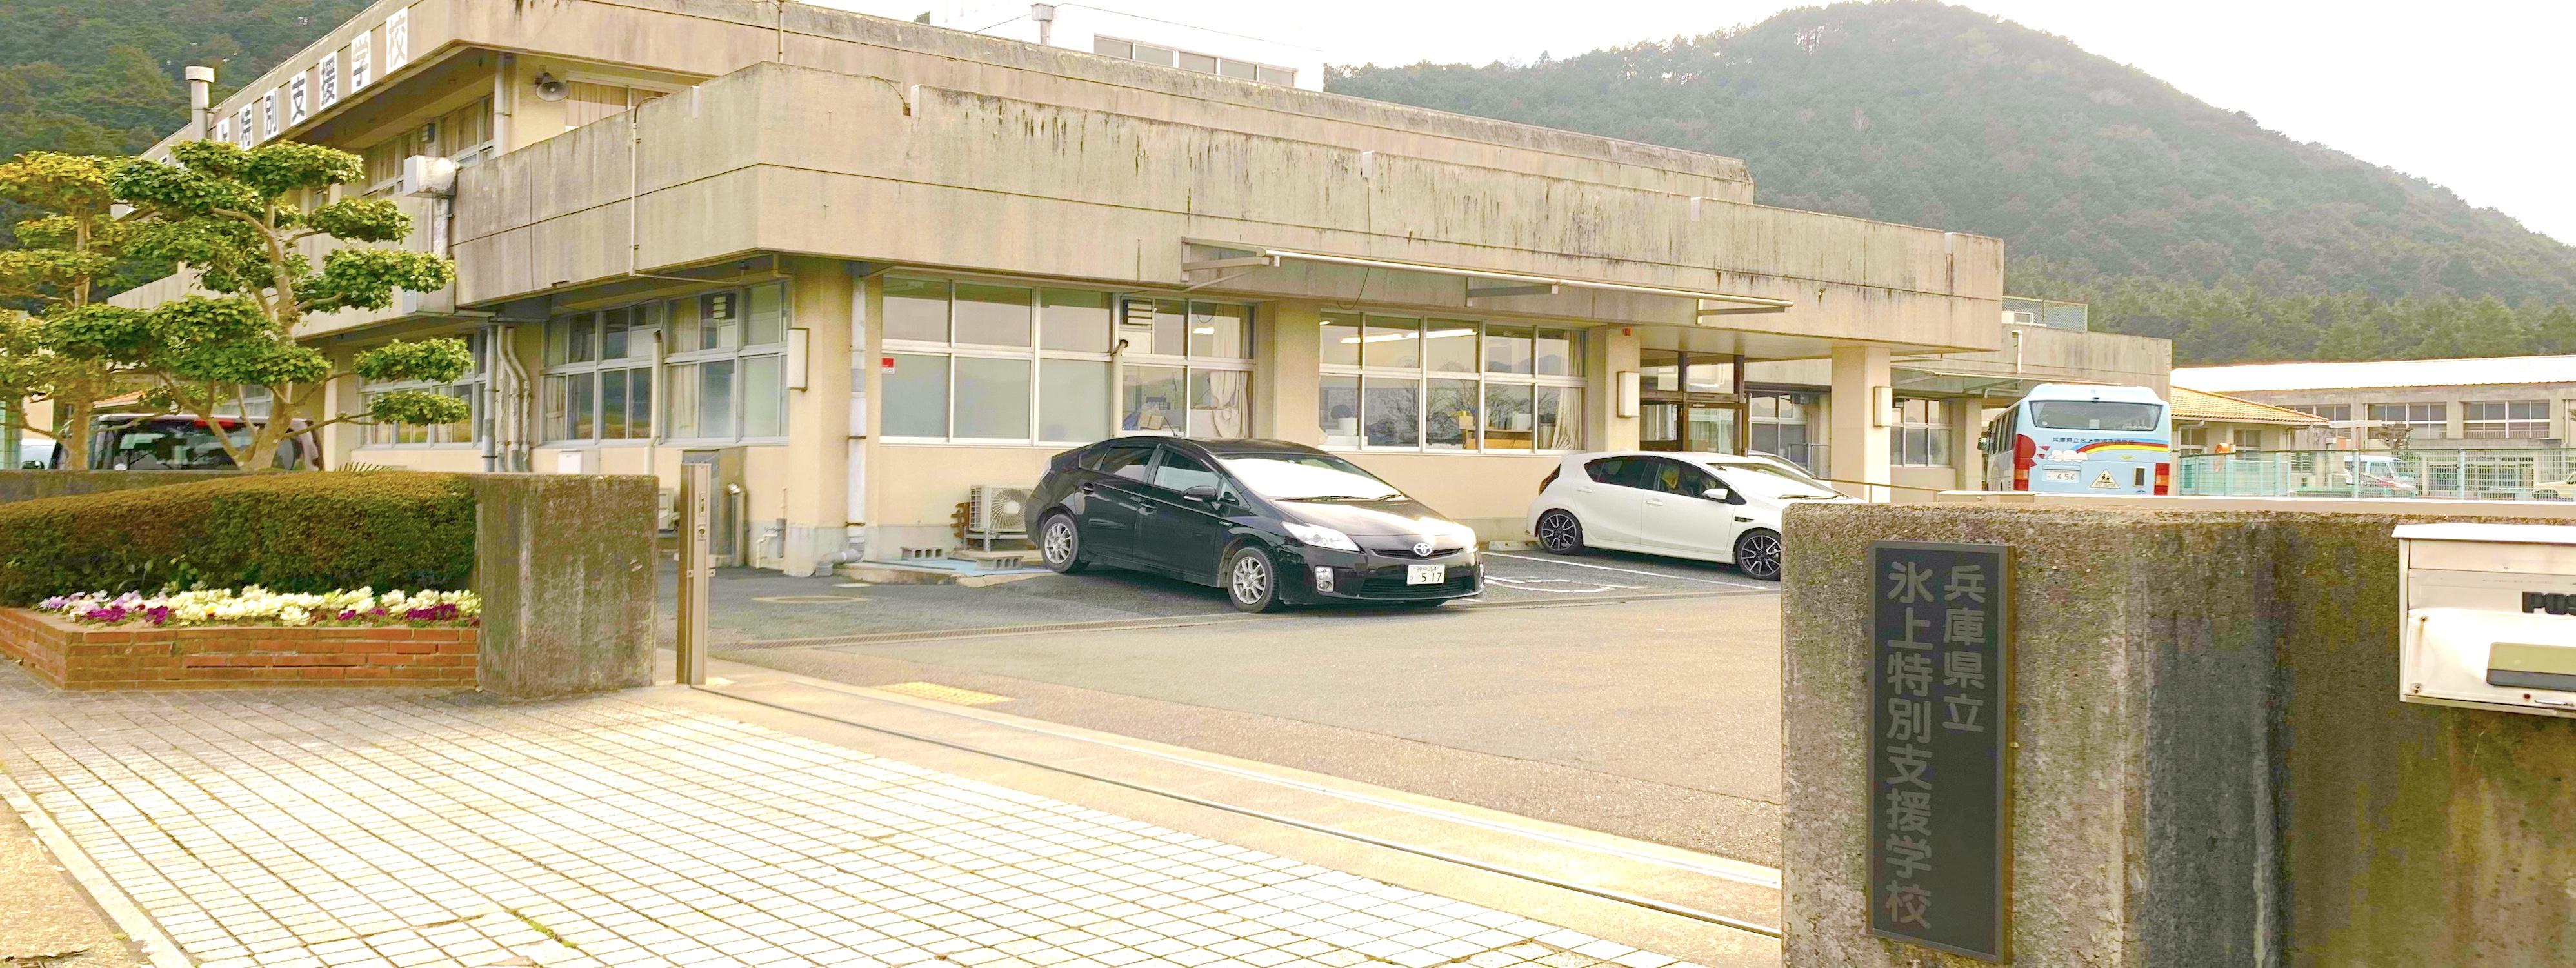 イゴボールで地域と交流 兵庫県立氷上特別支援学校